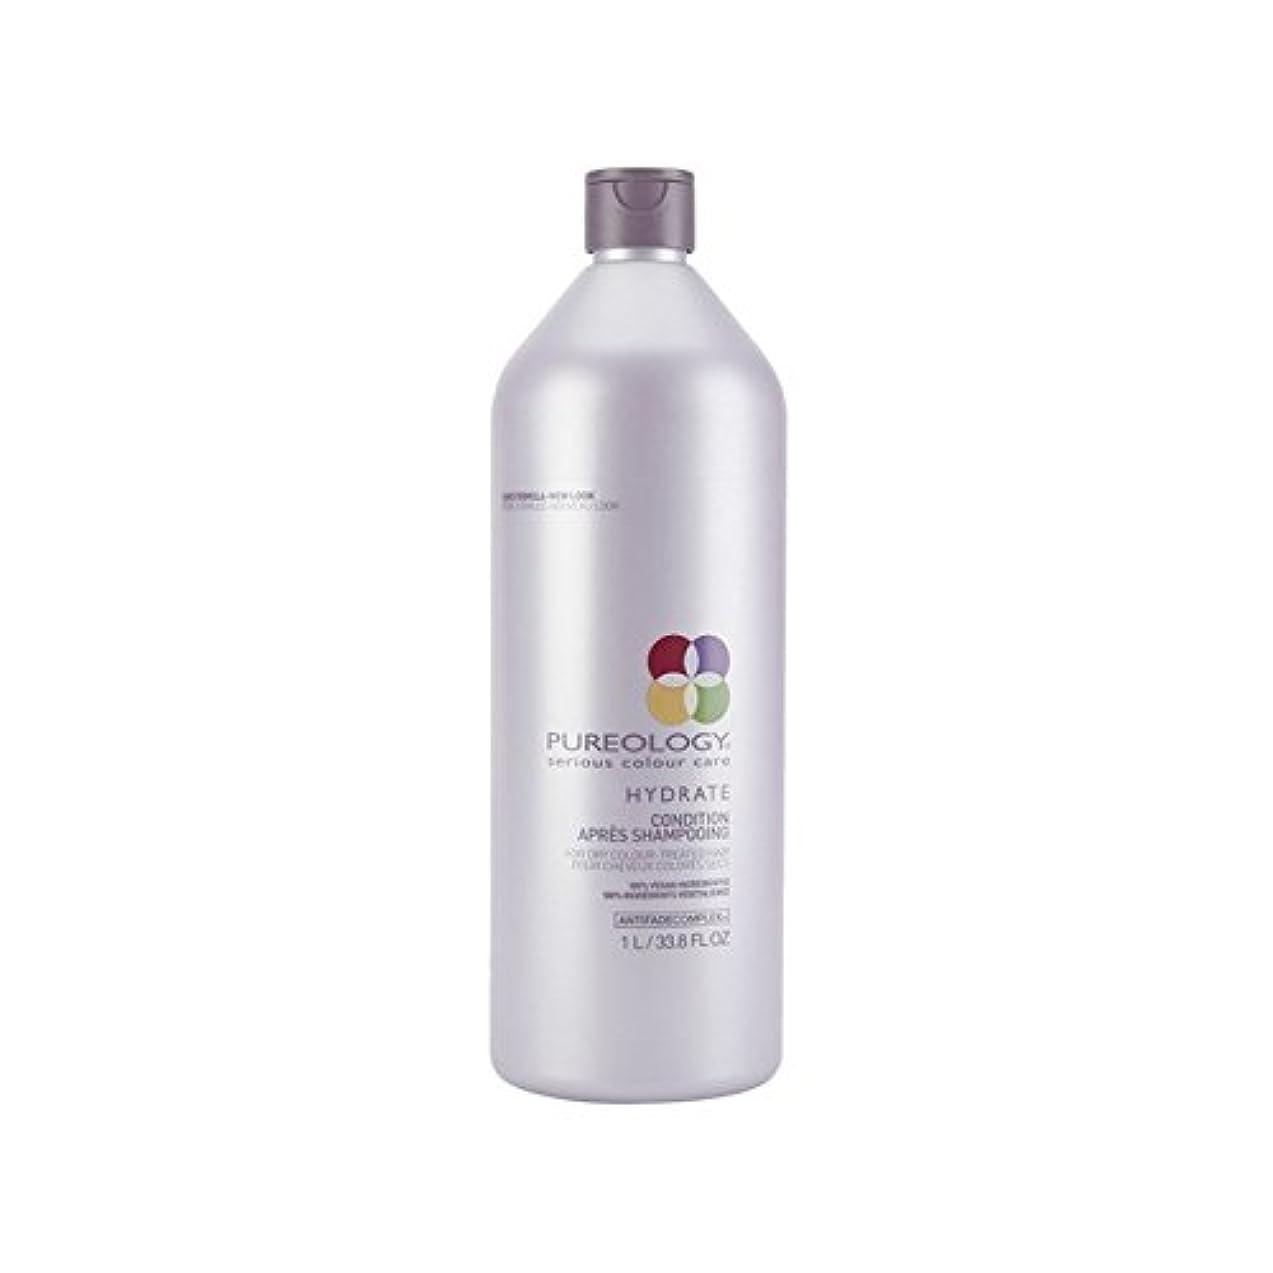 ユーザー野心首相純粋な水和物コンディショナー(千ミリリットル) x2 - Pureology Pure Hydrate Conditioner (1000ml) (Pack of 2) [並行輸入品]